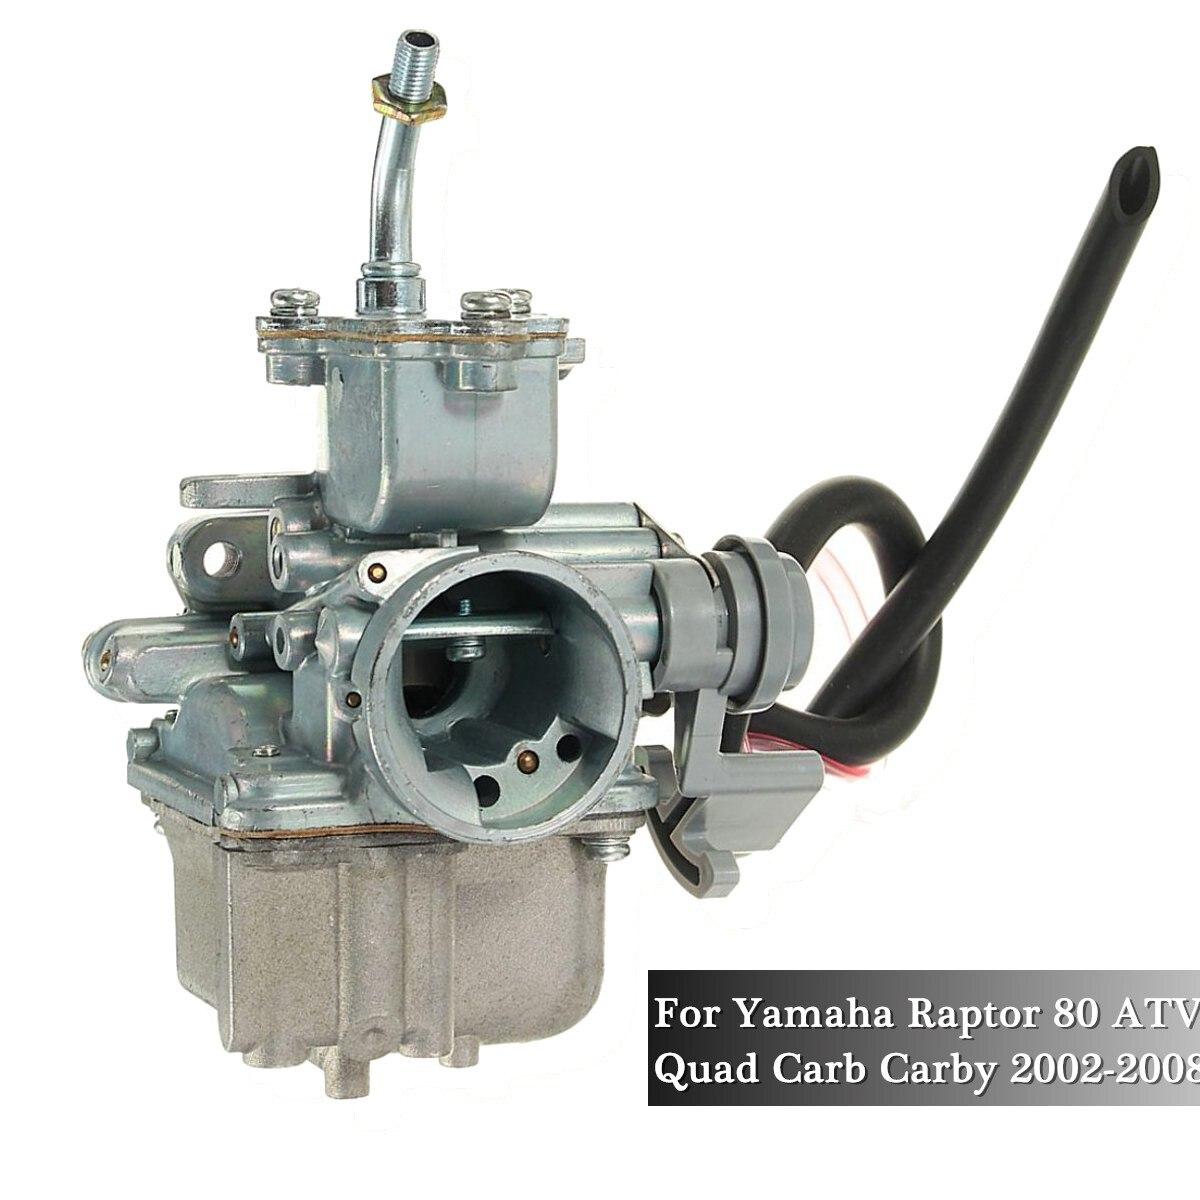 מתכת קרבורטור ערכת ZZP-FJIJF34 עבור ימאהה רפטור 80 טרקטורונים Quad פחמימות Carby 2002 2003 2004 2005 2006 2007 2008